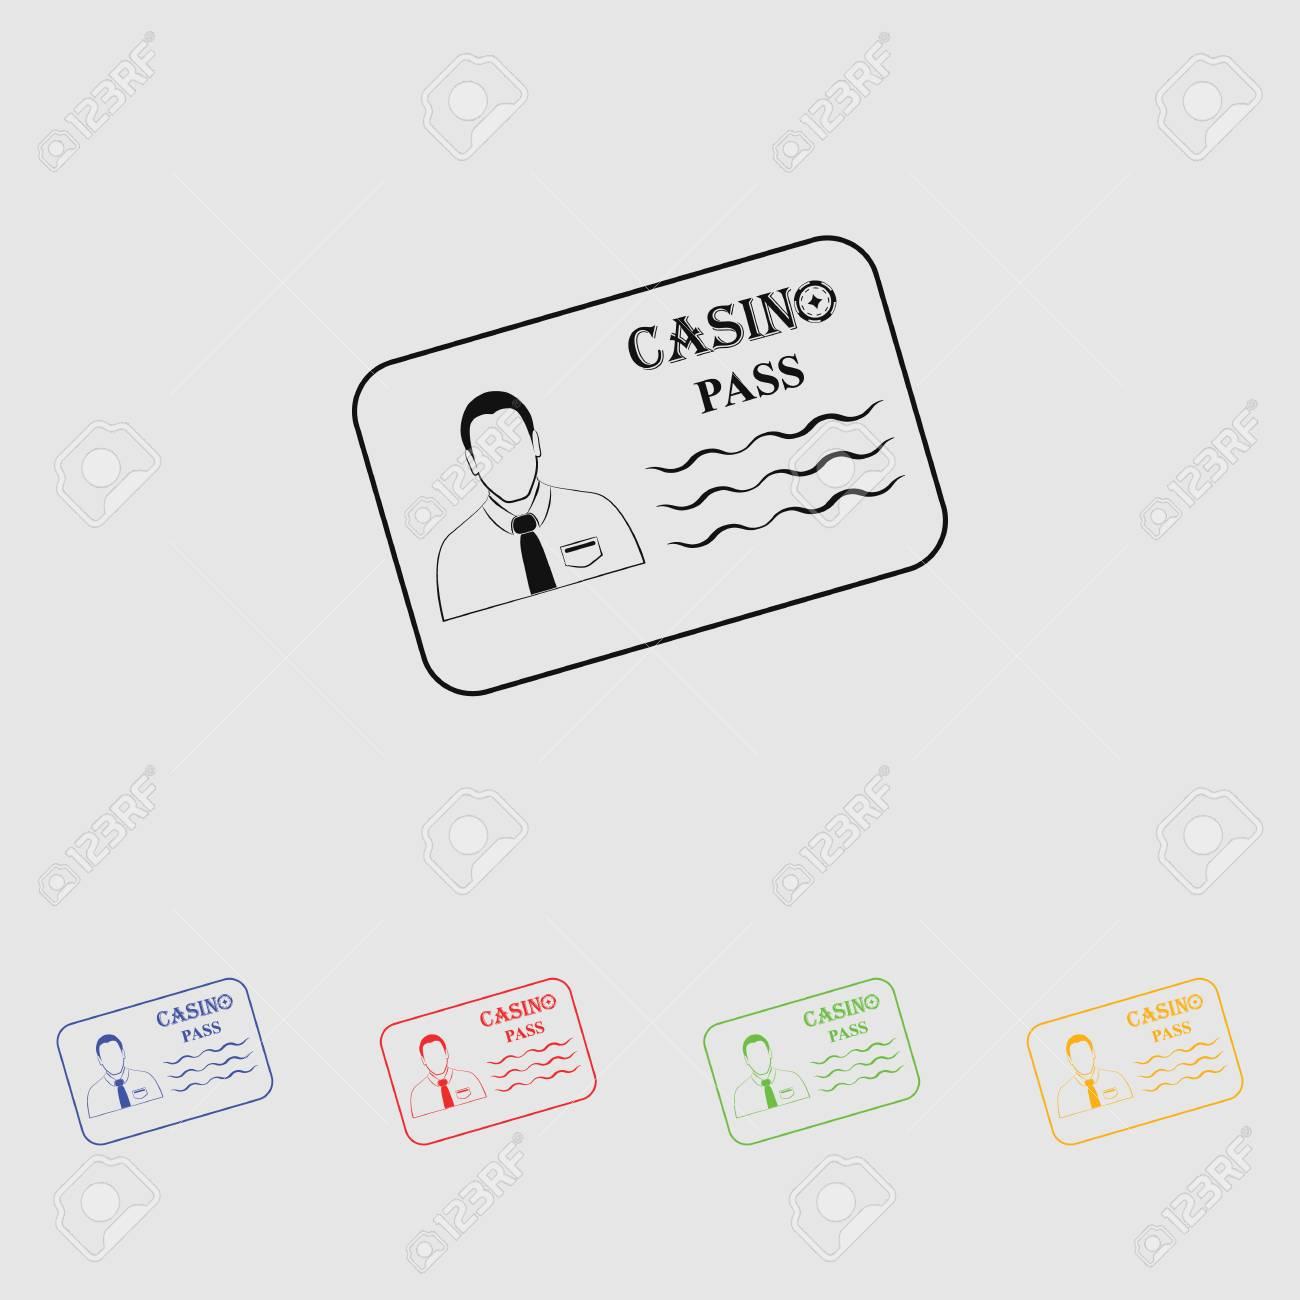 casino pass